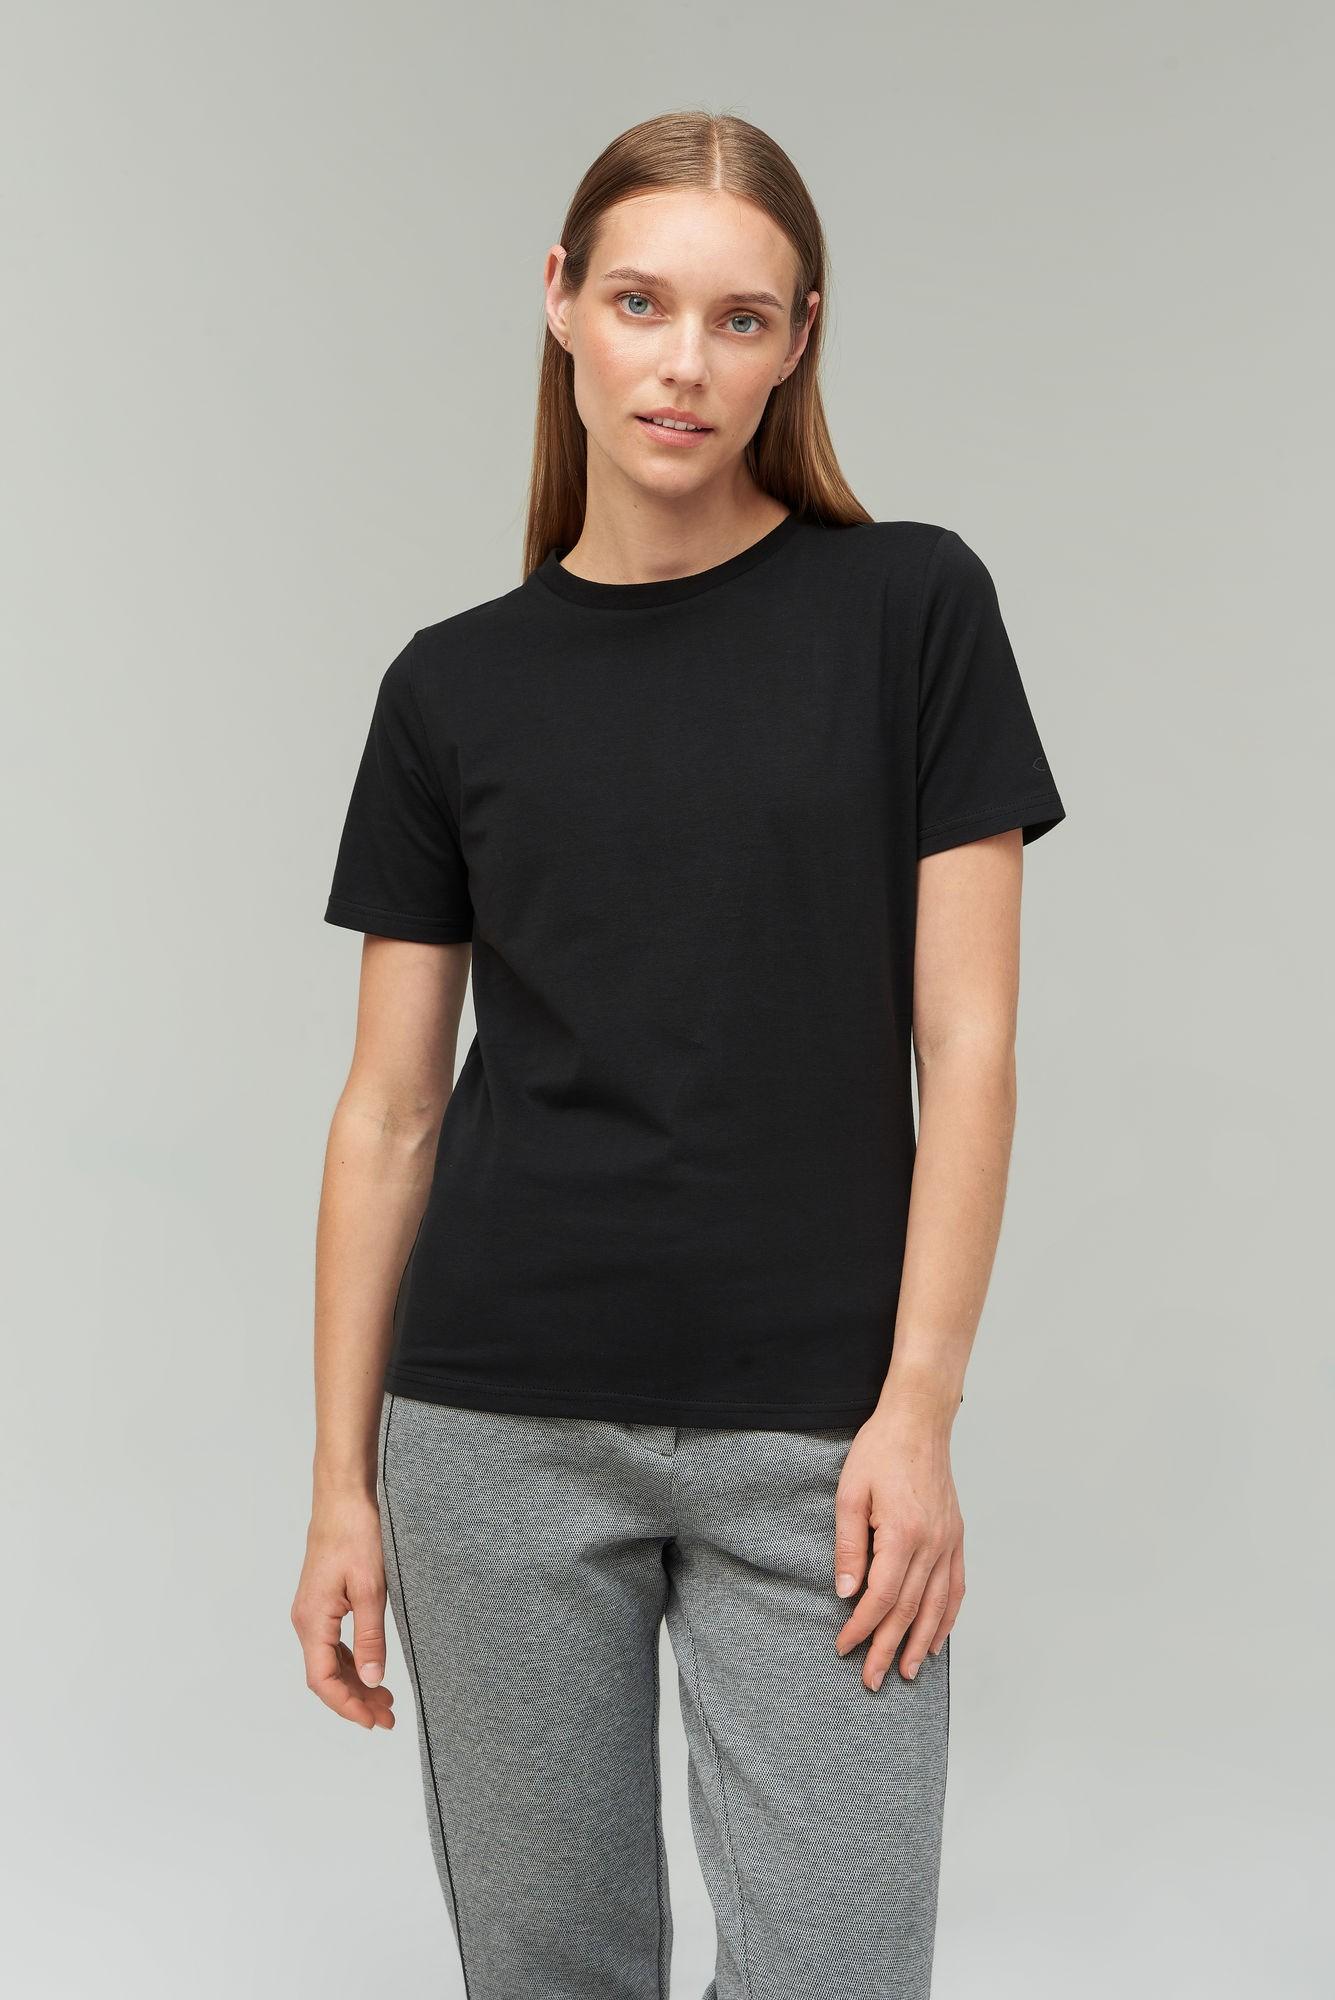 AUDIMAS Medvilniniai marškinėliai 2021-073 Black L